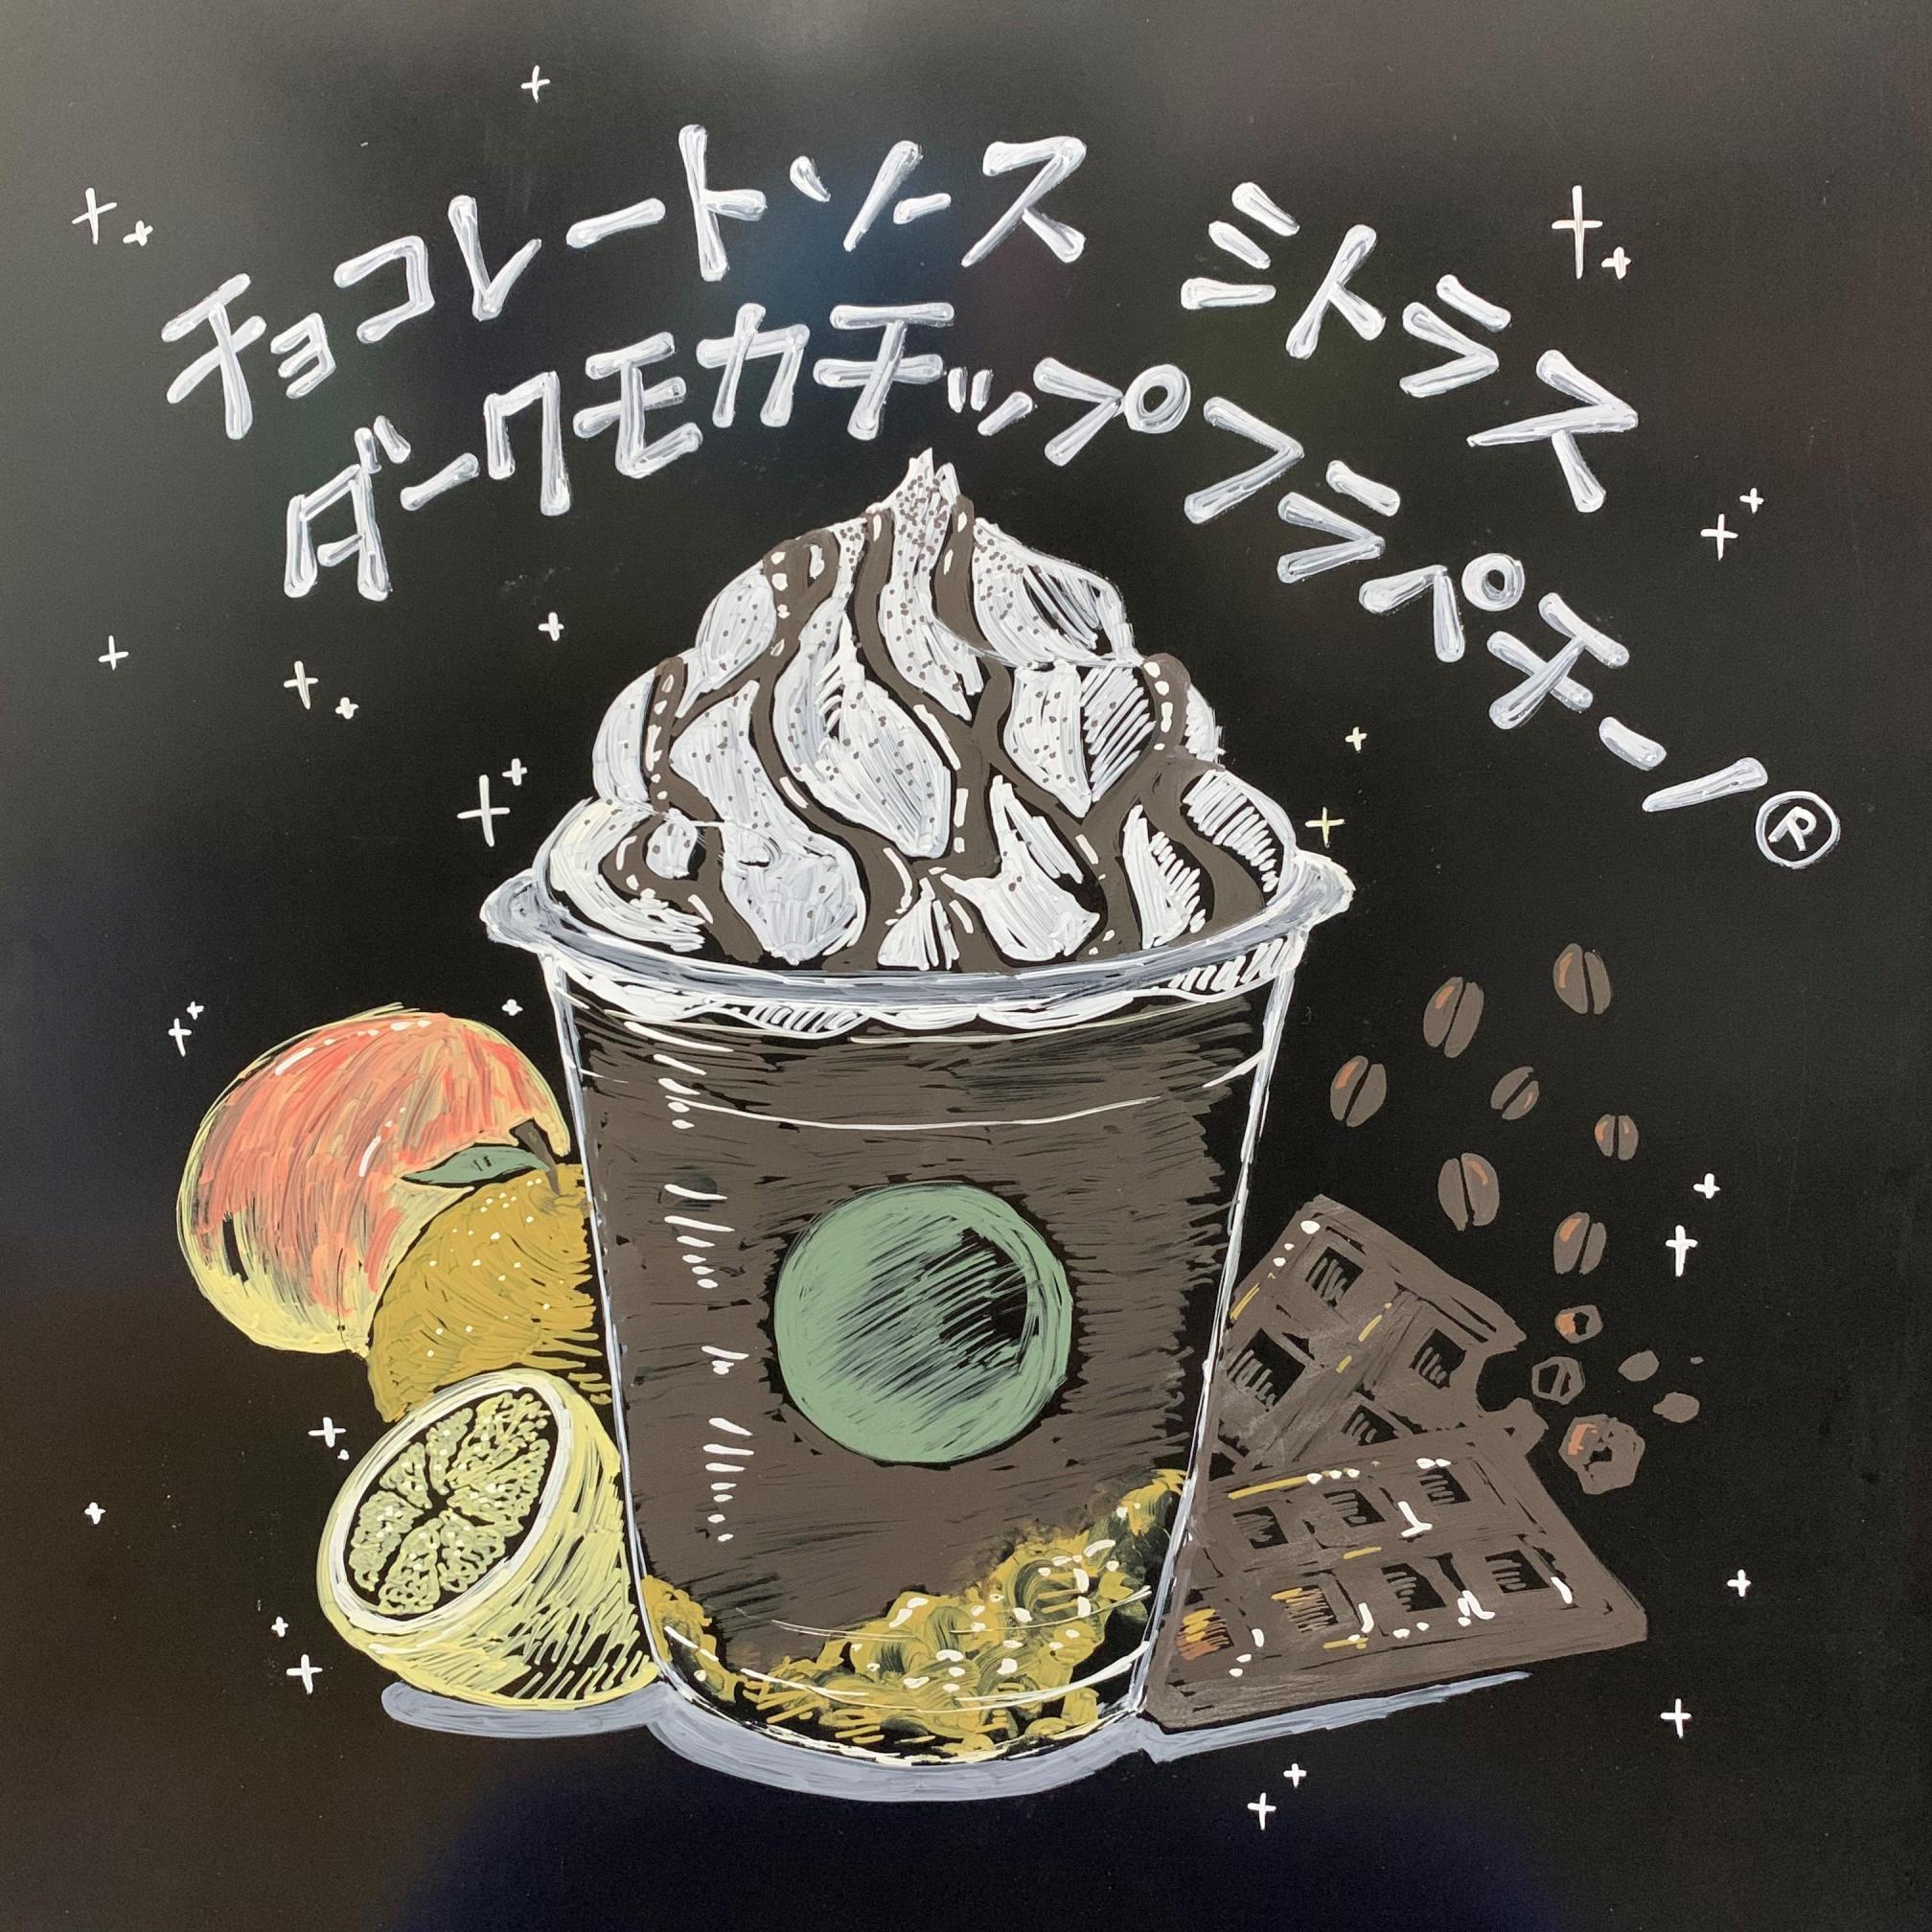 チョコレート ソース シトラス ダーク モカ チップ フラペチーノ®